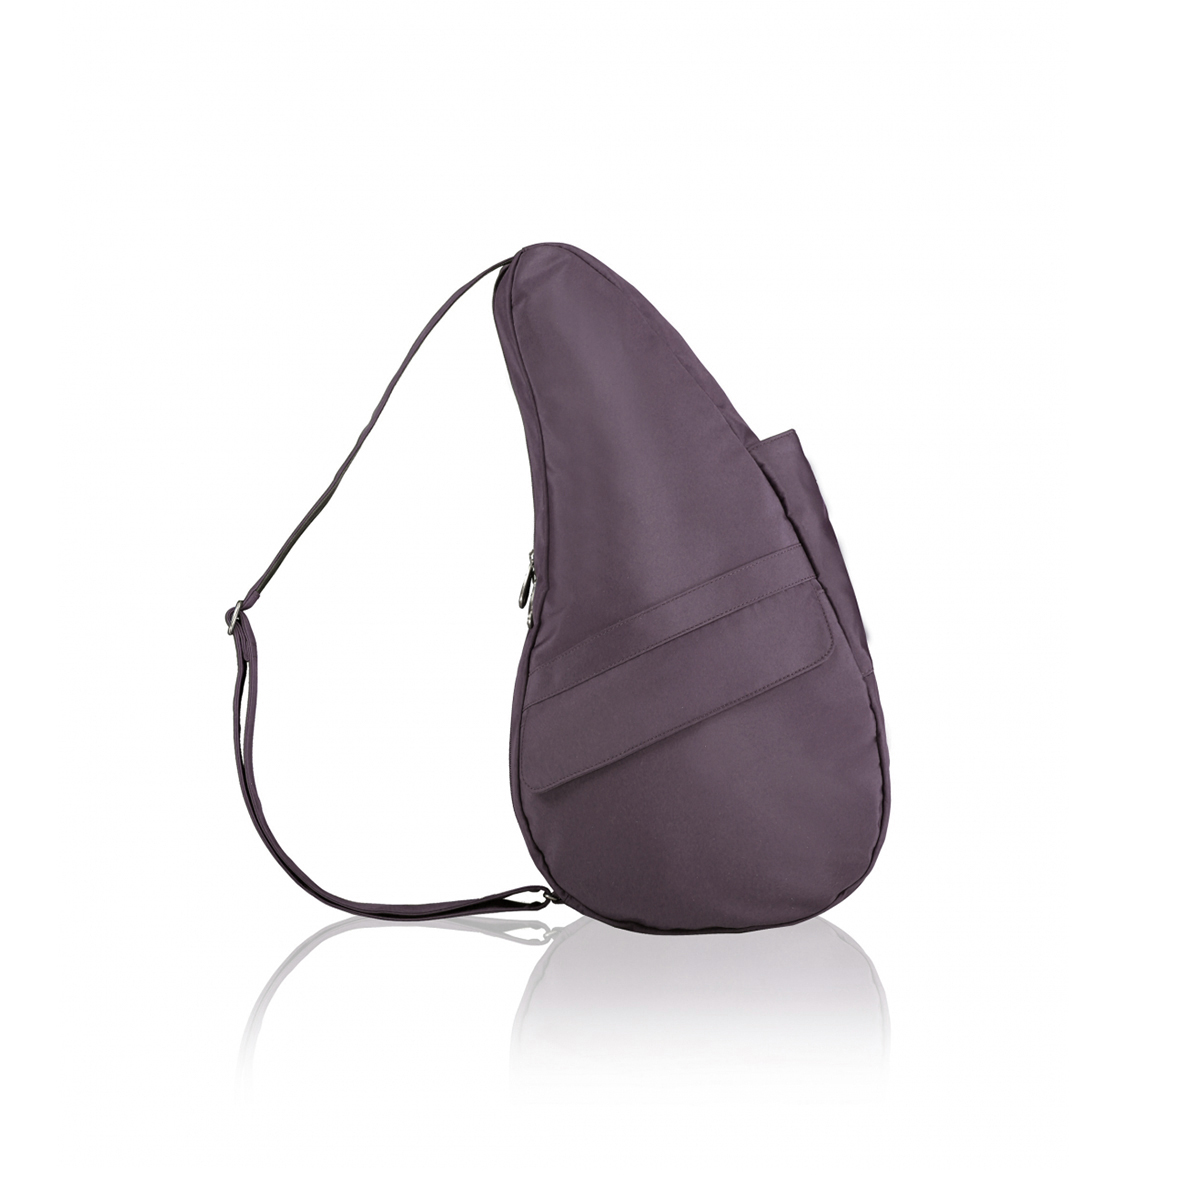 Healthy Back Bag/ヘルシーバックバッグ/ショルダーバッグ/ボディバッグ/旅行バッグ/軽量/レディース/メンズ 《限定ポーチ付》 公式ストア ヘルシーバックバッグ マイクロファイバー Sサイズ ブラックプラム